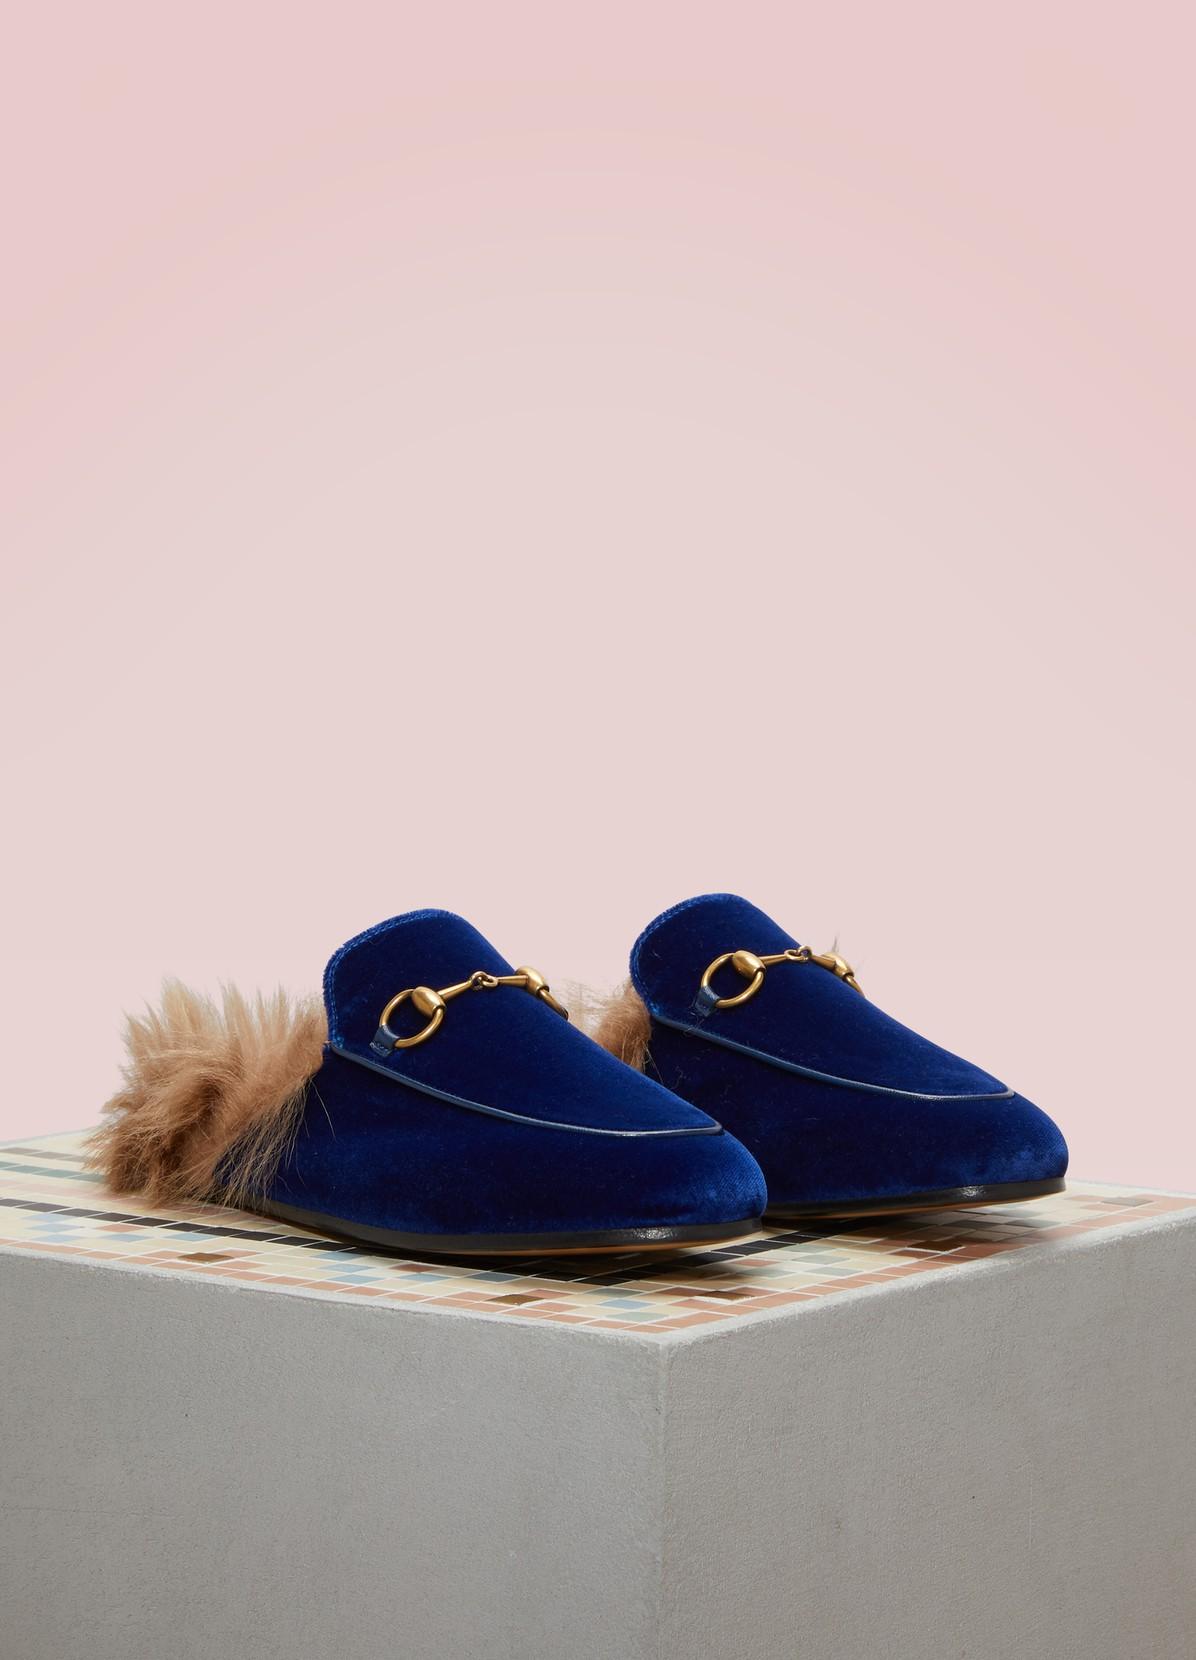 Gucci Mules En Velours Bleu Princetown - 0MeB4